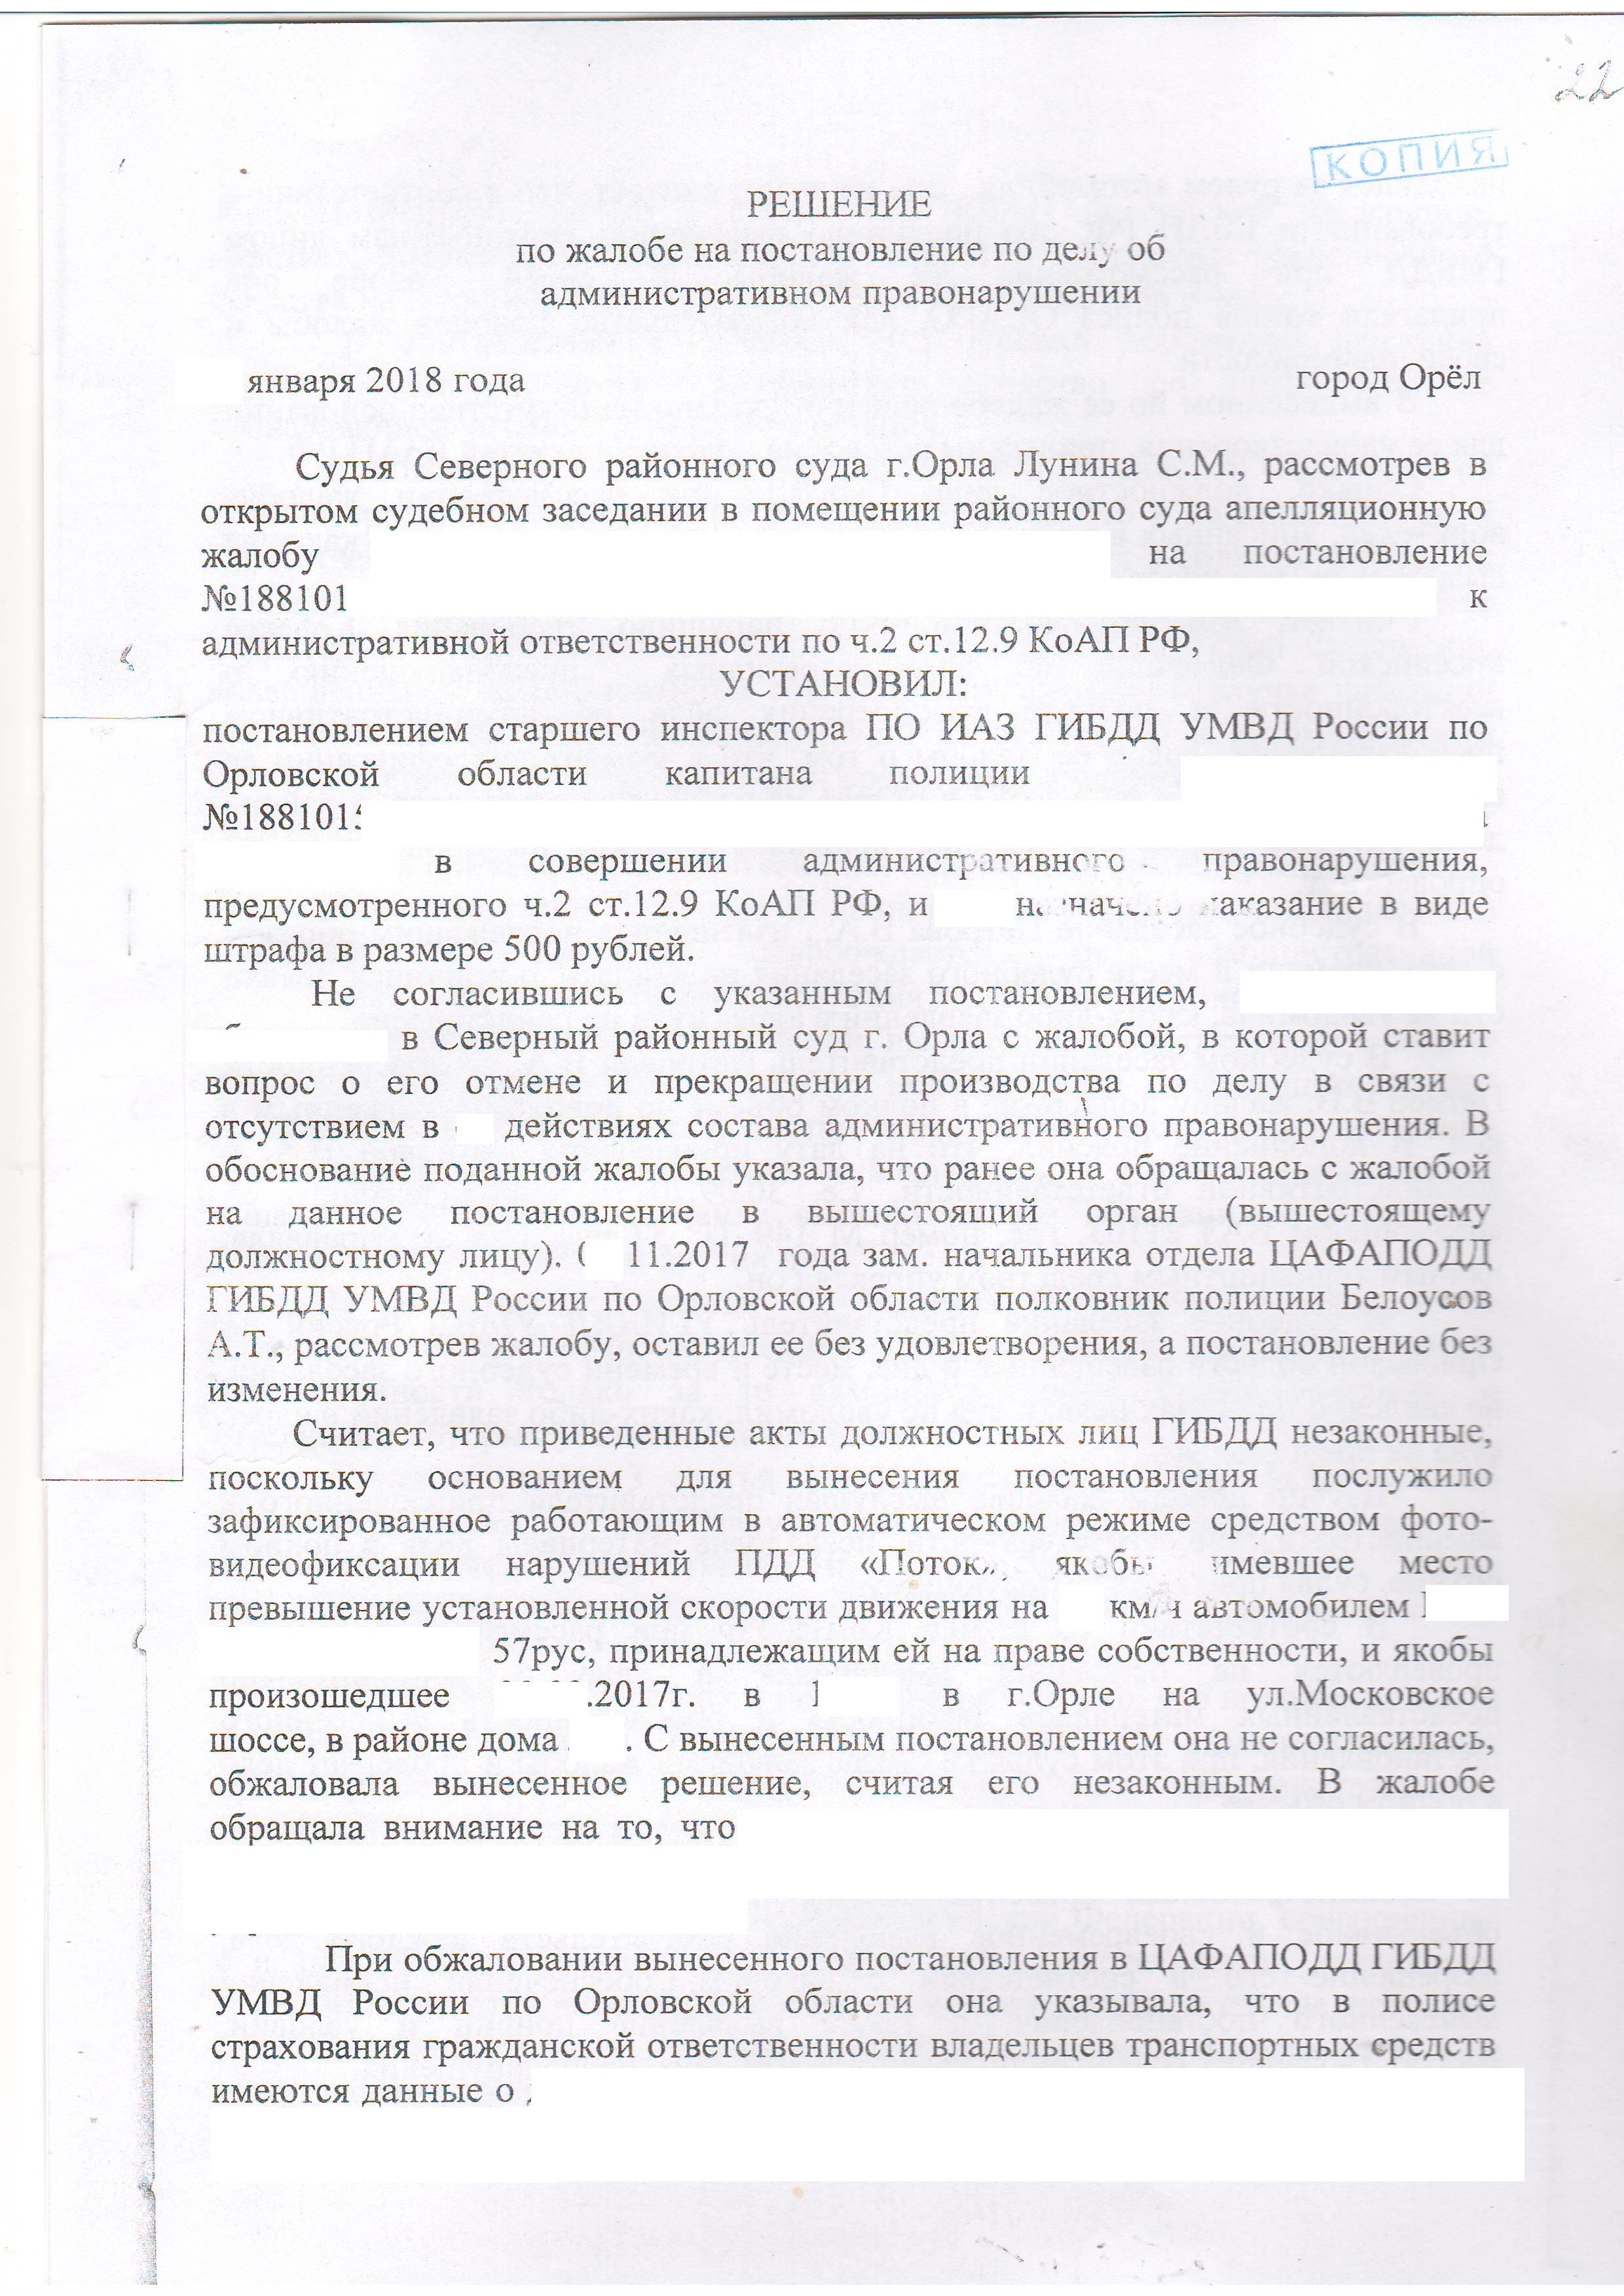 отменатпостановленияЦАФАП ГИБДД по ч.2 ст.12.9КоАП РФ